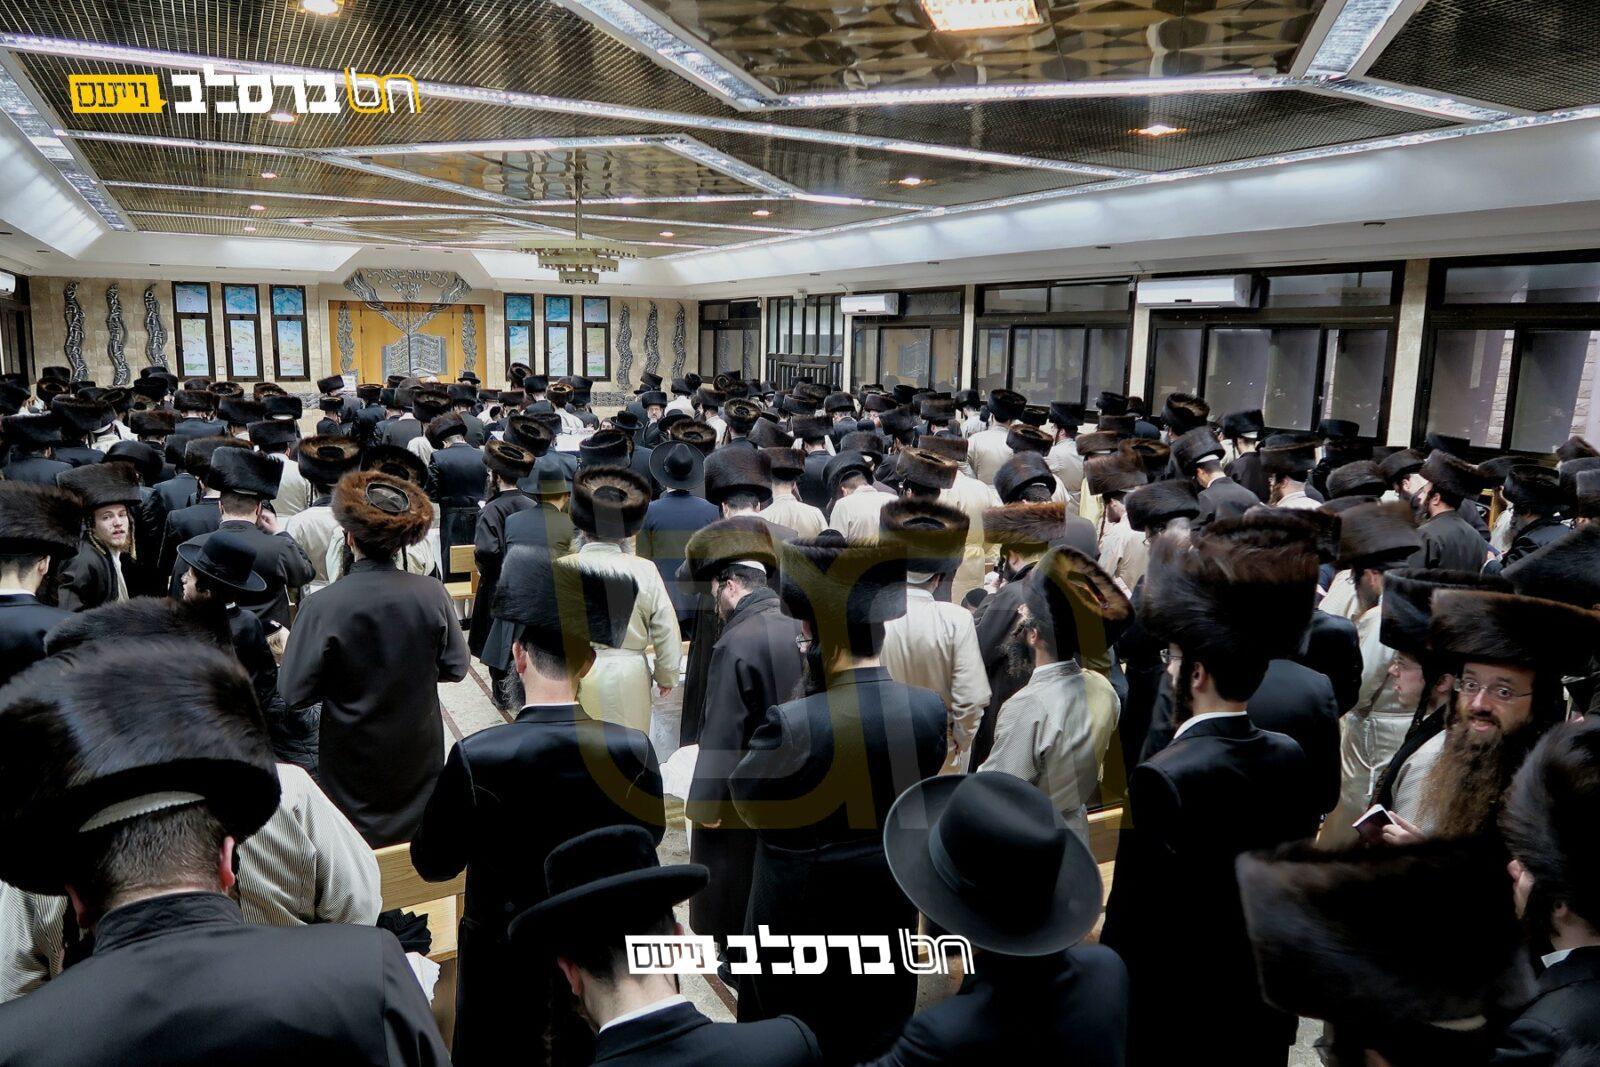 מורשת הנחל: מתכוננים לשבת התאחדות במירון   הרשמו